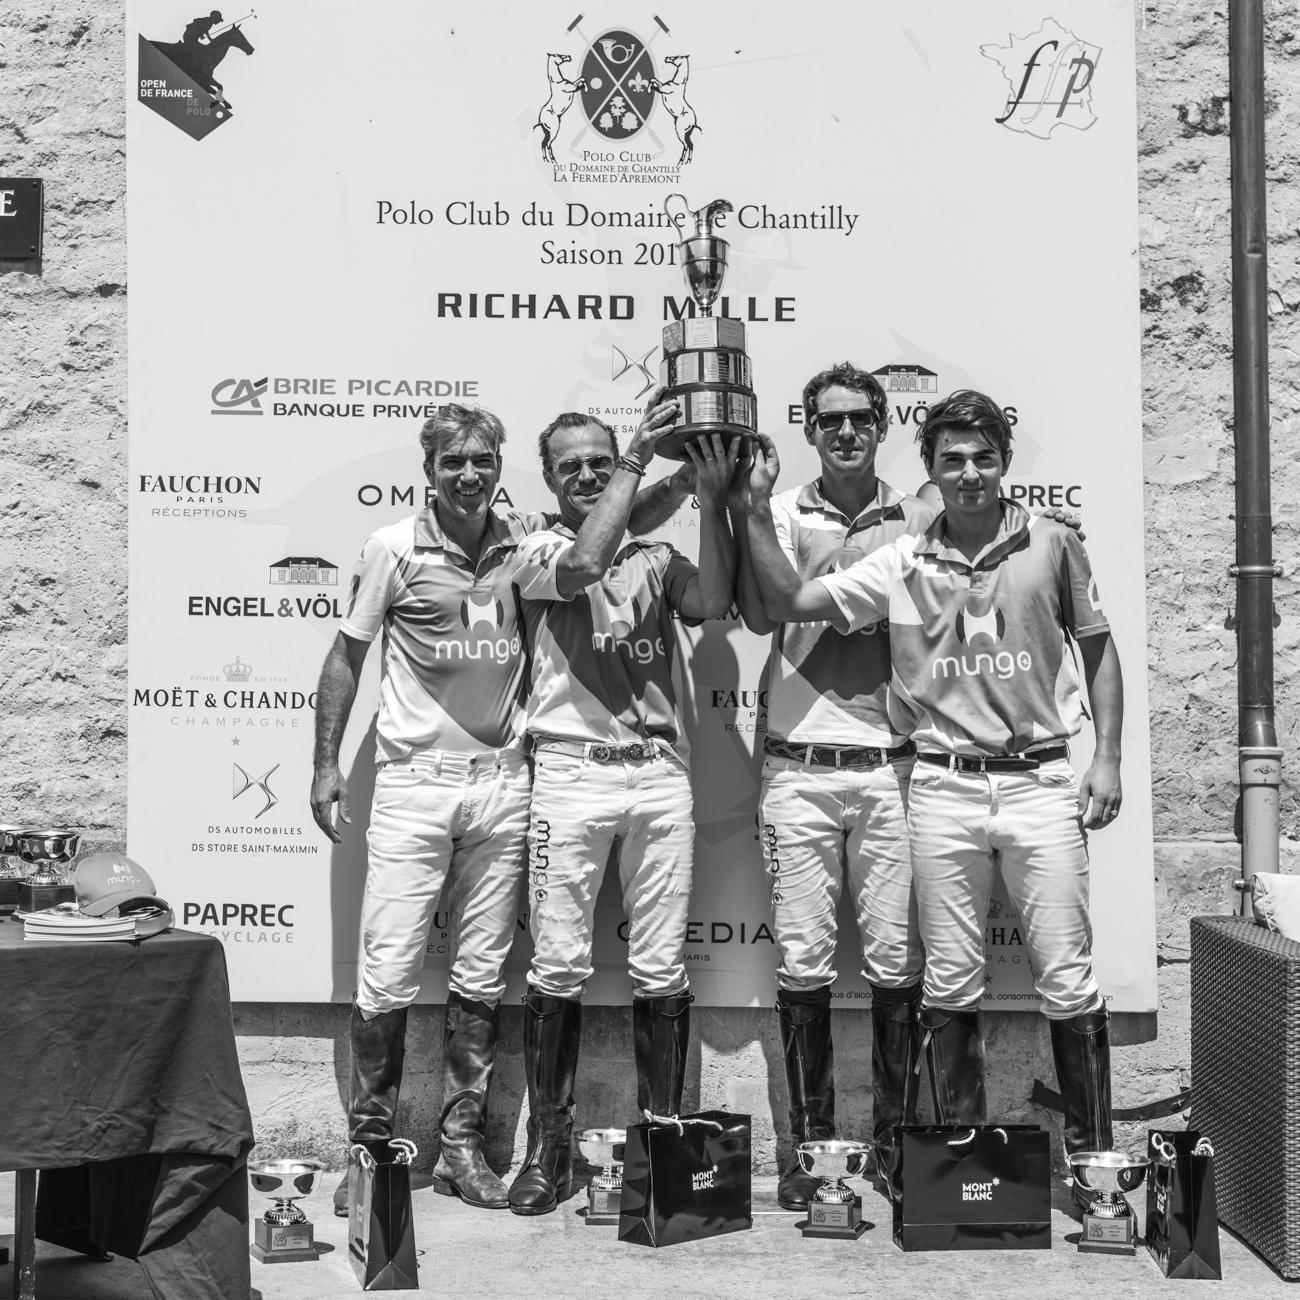 12H00 TROPHEE DE LA HAUTE POMMERAYE MUNGO / JIVARO HORSE HEDGE Terrain N°1    Mungo sacré champion du Trophée de la Haute Pommeraye emmené par Brieuc Rigaux et MENSANA Best PONEY